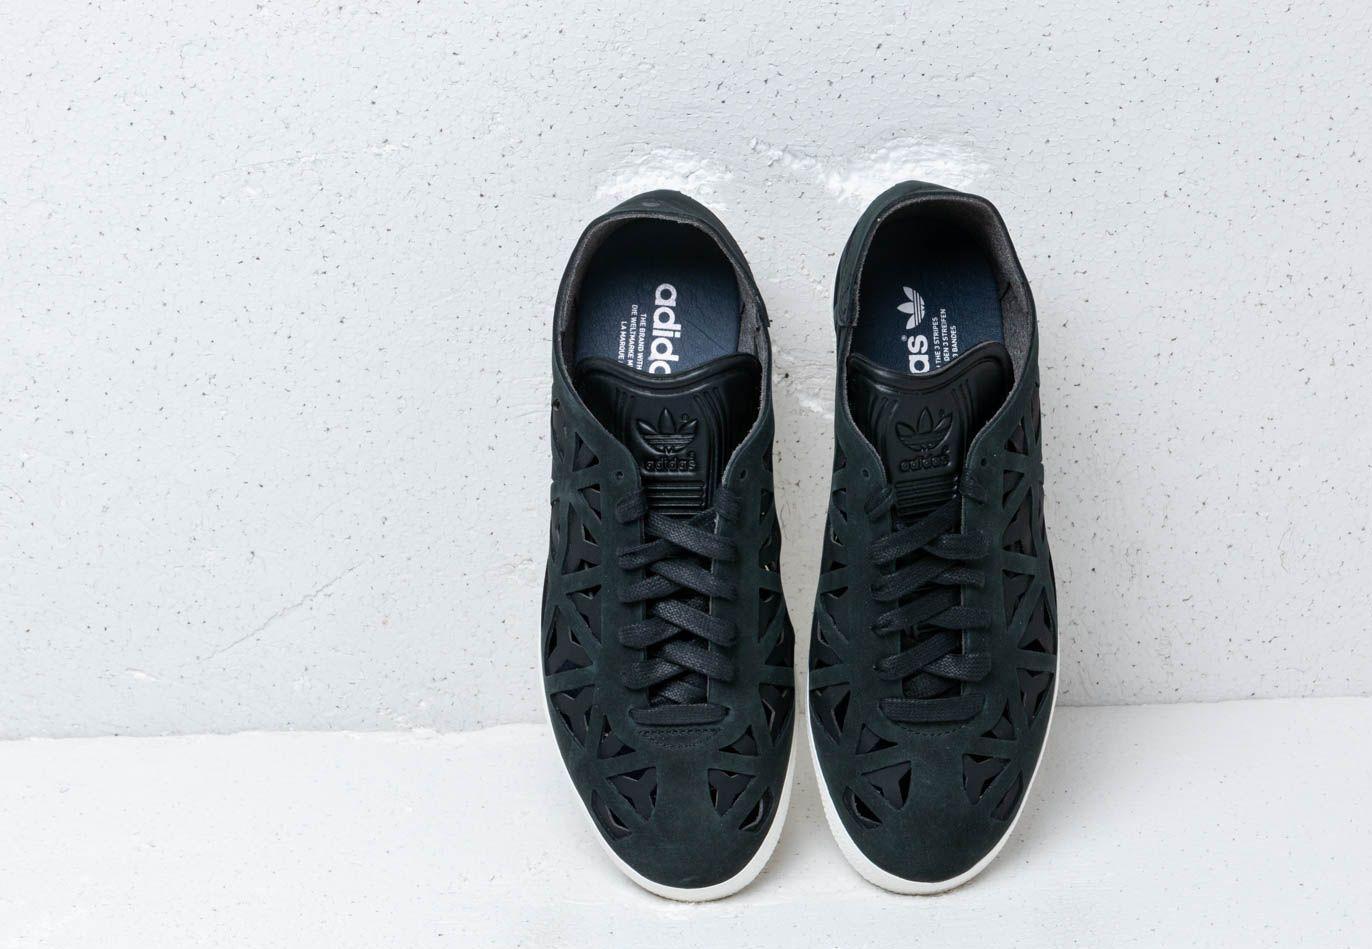 adidas gazelle cutout black